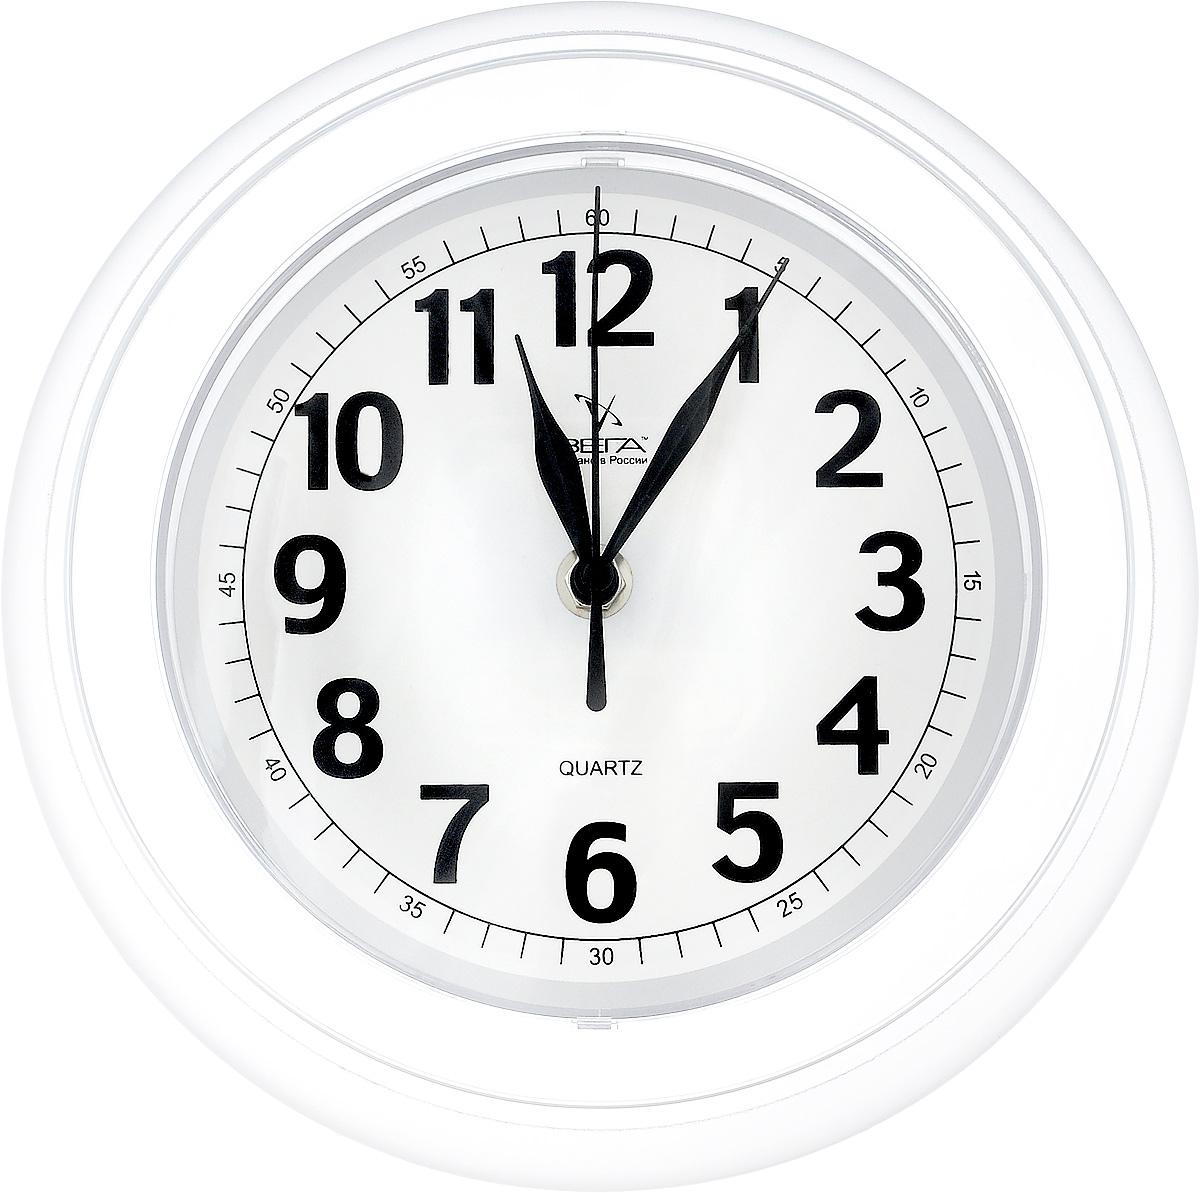 Часы настенные Вега Классика, цвет: белый, прозрачный, диаметр 22 смП6-0-11Настенные кварцевые часы Вега Классика, изготовленные из пластика, прекрасно впишутся в интерьер вашего дома. Круглые часы имеют три стрелки: часовую, минутную и секундную, циферблат защищен прозрачным стеклом. Часы работают от 1 батарейки типа АА напряжением 1,5 В (не входит в комплект). Диаметр часов: 22 см.